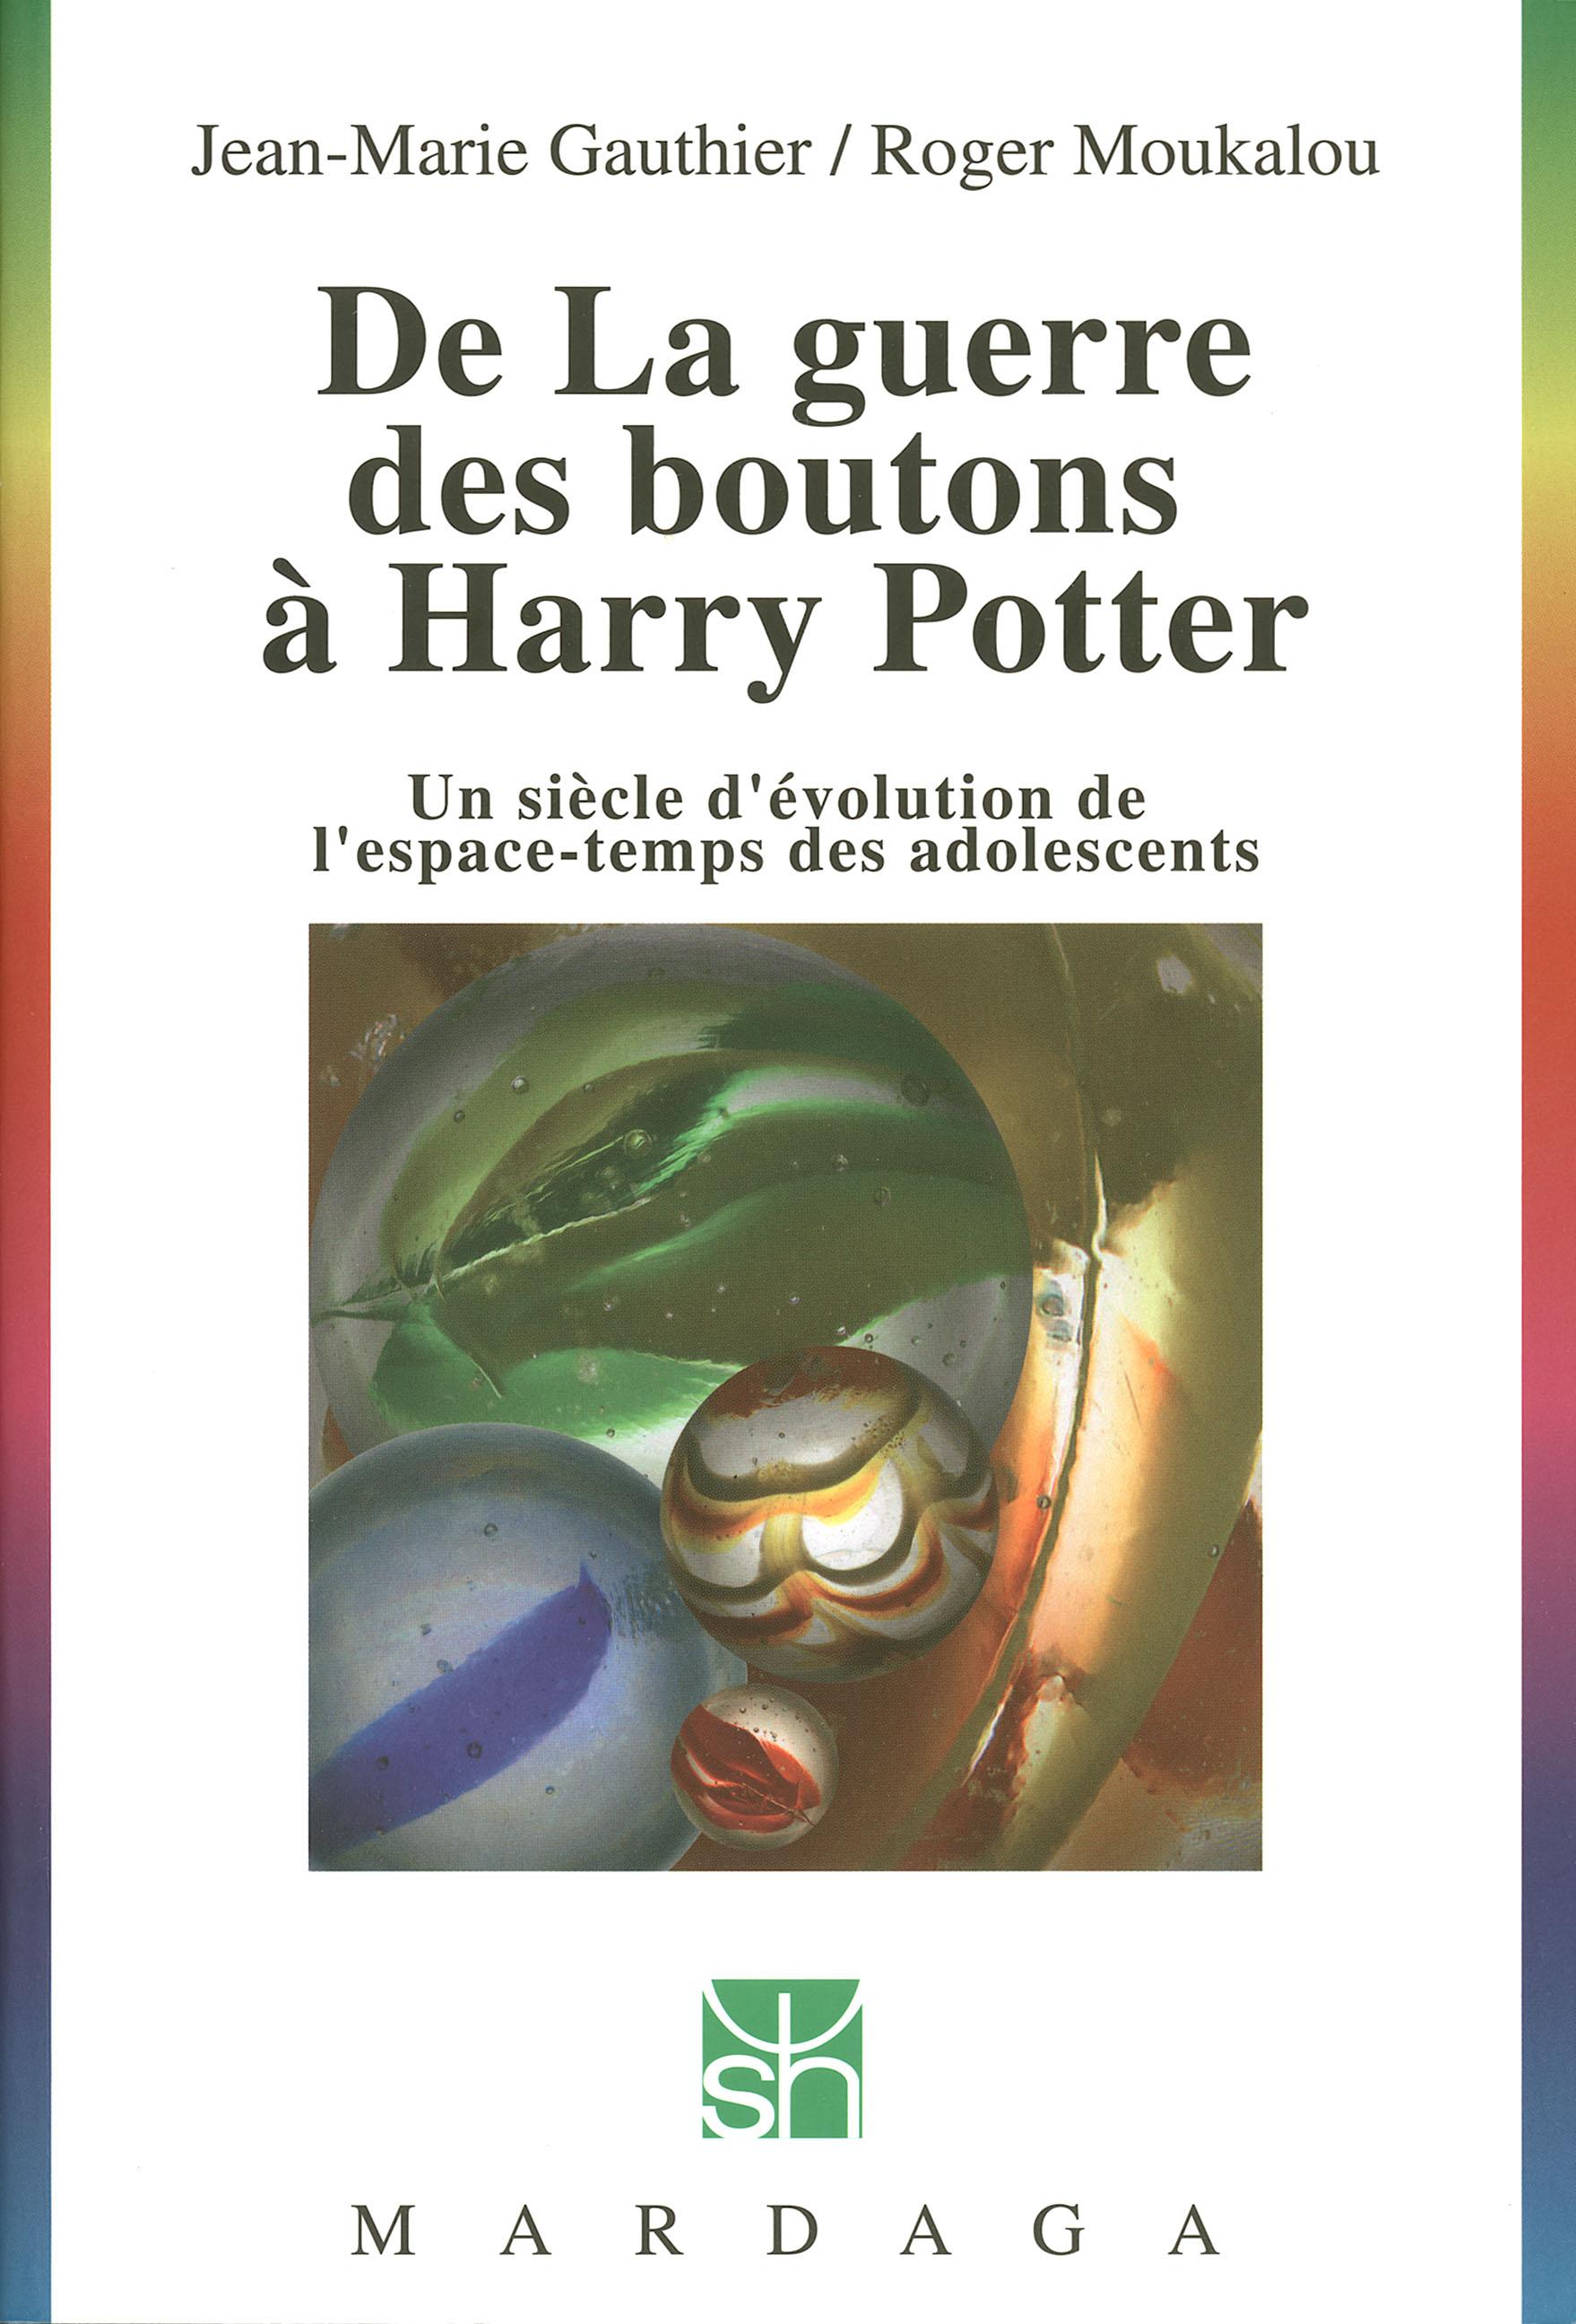 De La guerre des boutons à Harry Potter, Un siècle d'évolution de l'espace-temps des adolescents